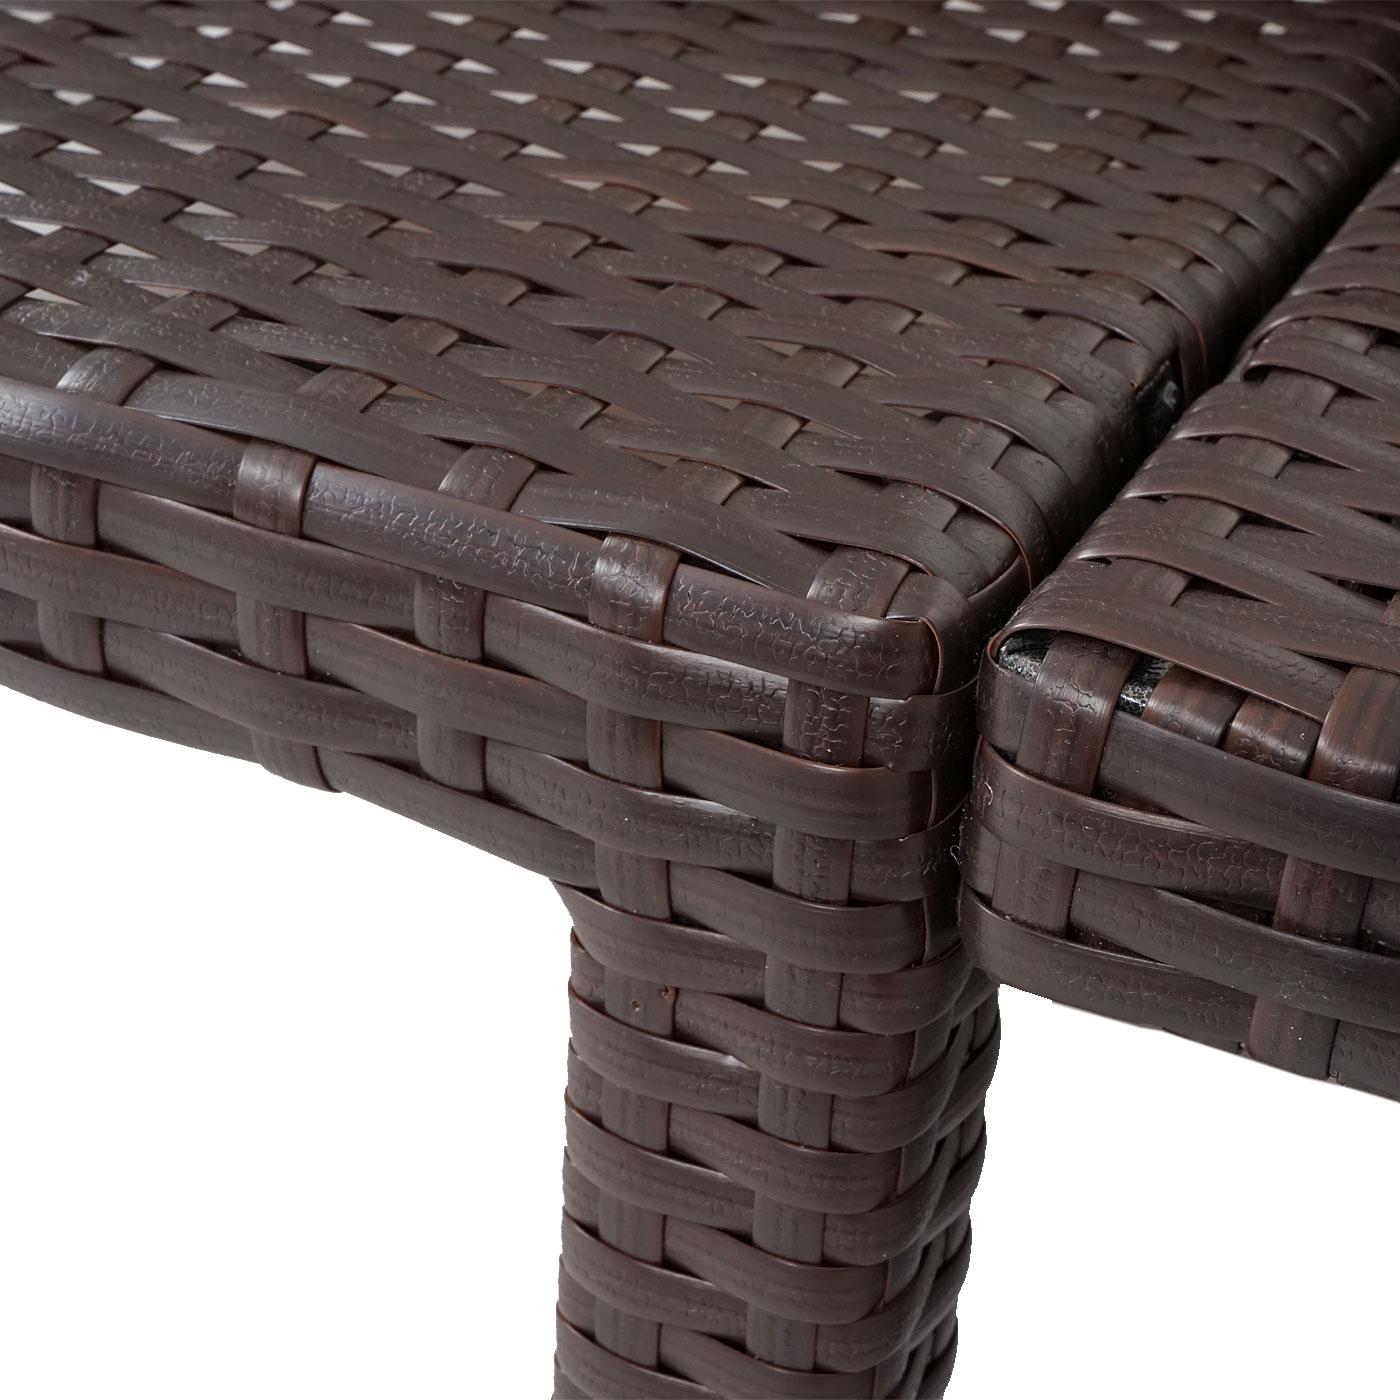 poly rattan sonnenliege hwc a51 relaxliege gartenliege liege premium braun kissen creme. Black Bedroom Furniture Sets. Home Design Ideas